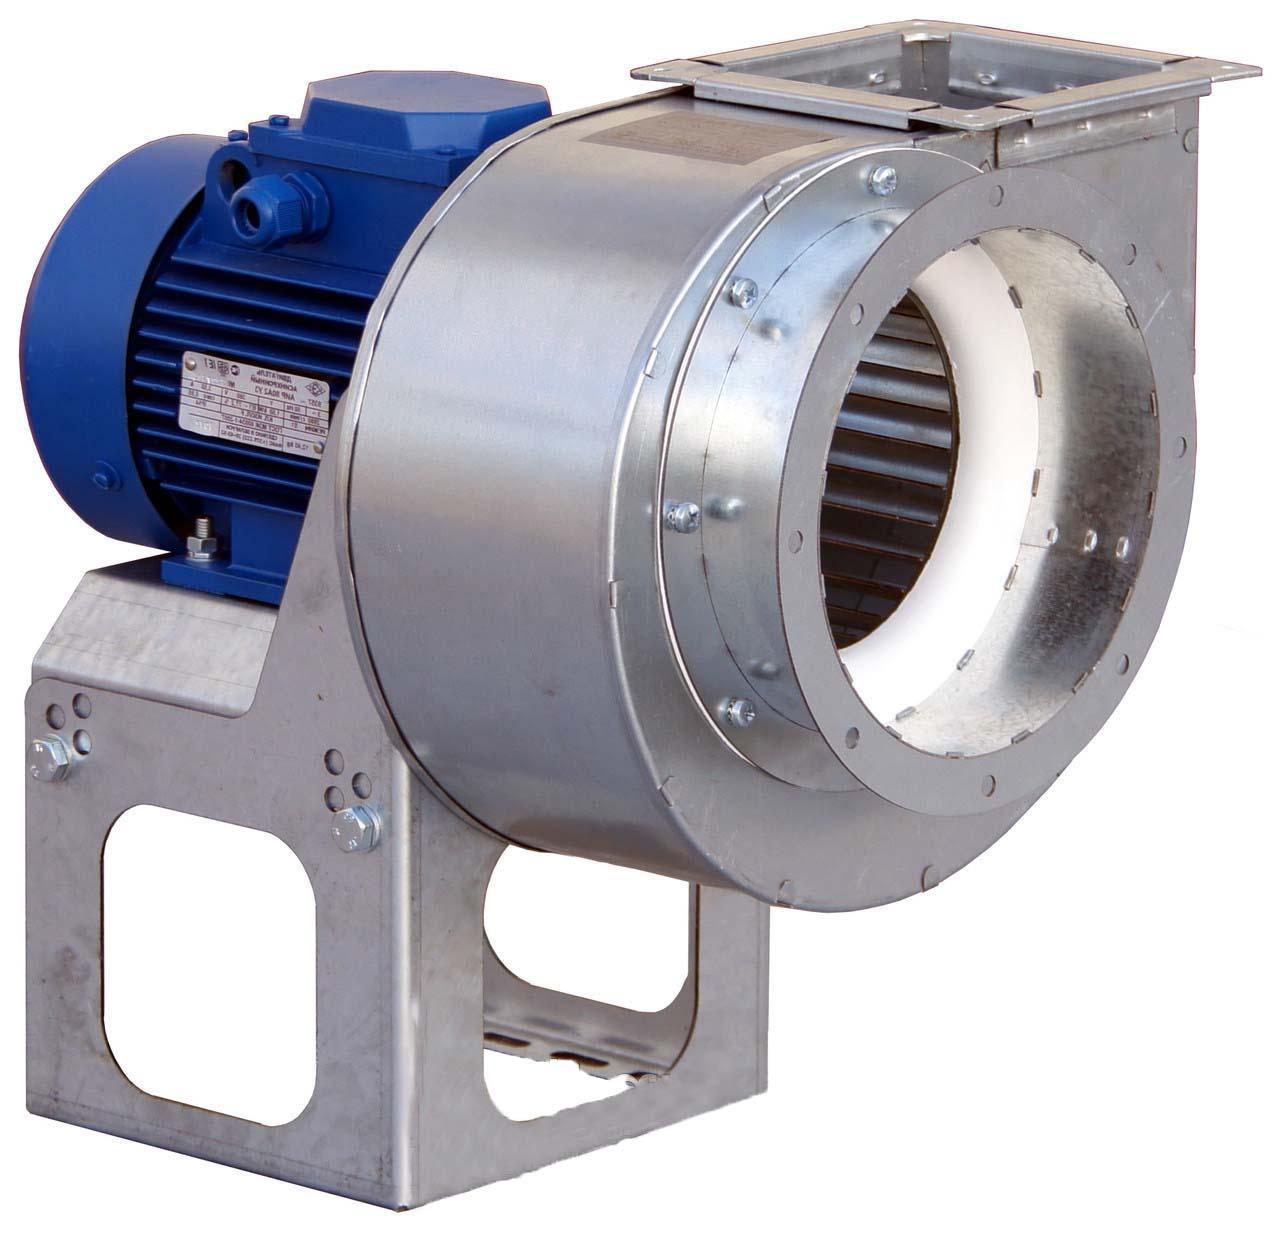 Вентилятор ВР 280-46-3,15 0,75 кВт/1000 об/мин ЛО